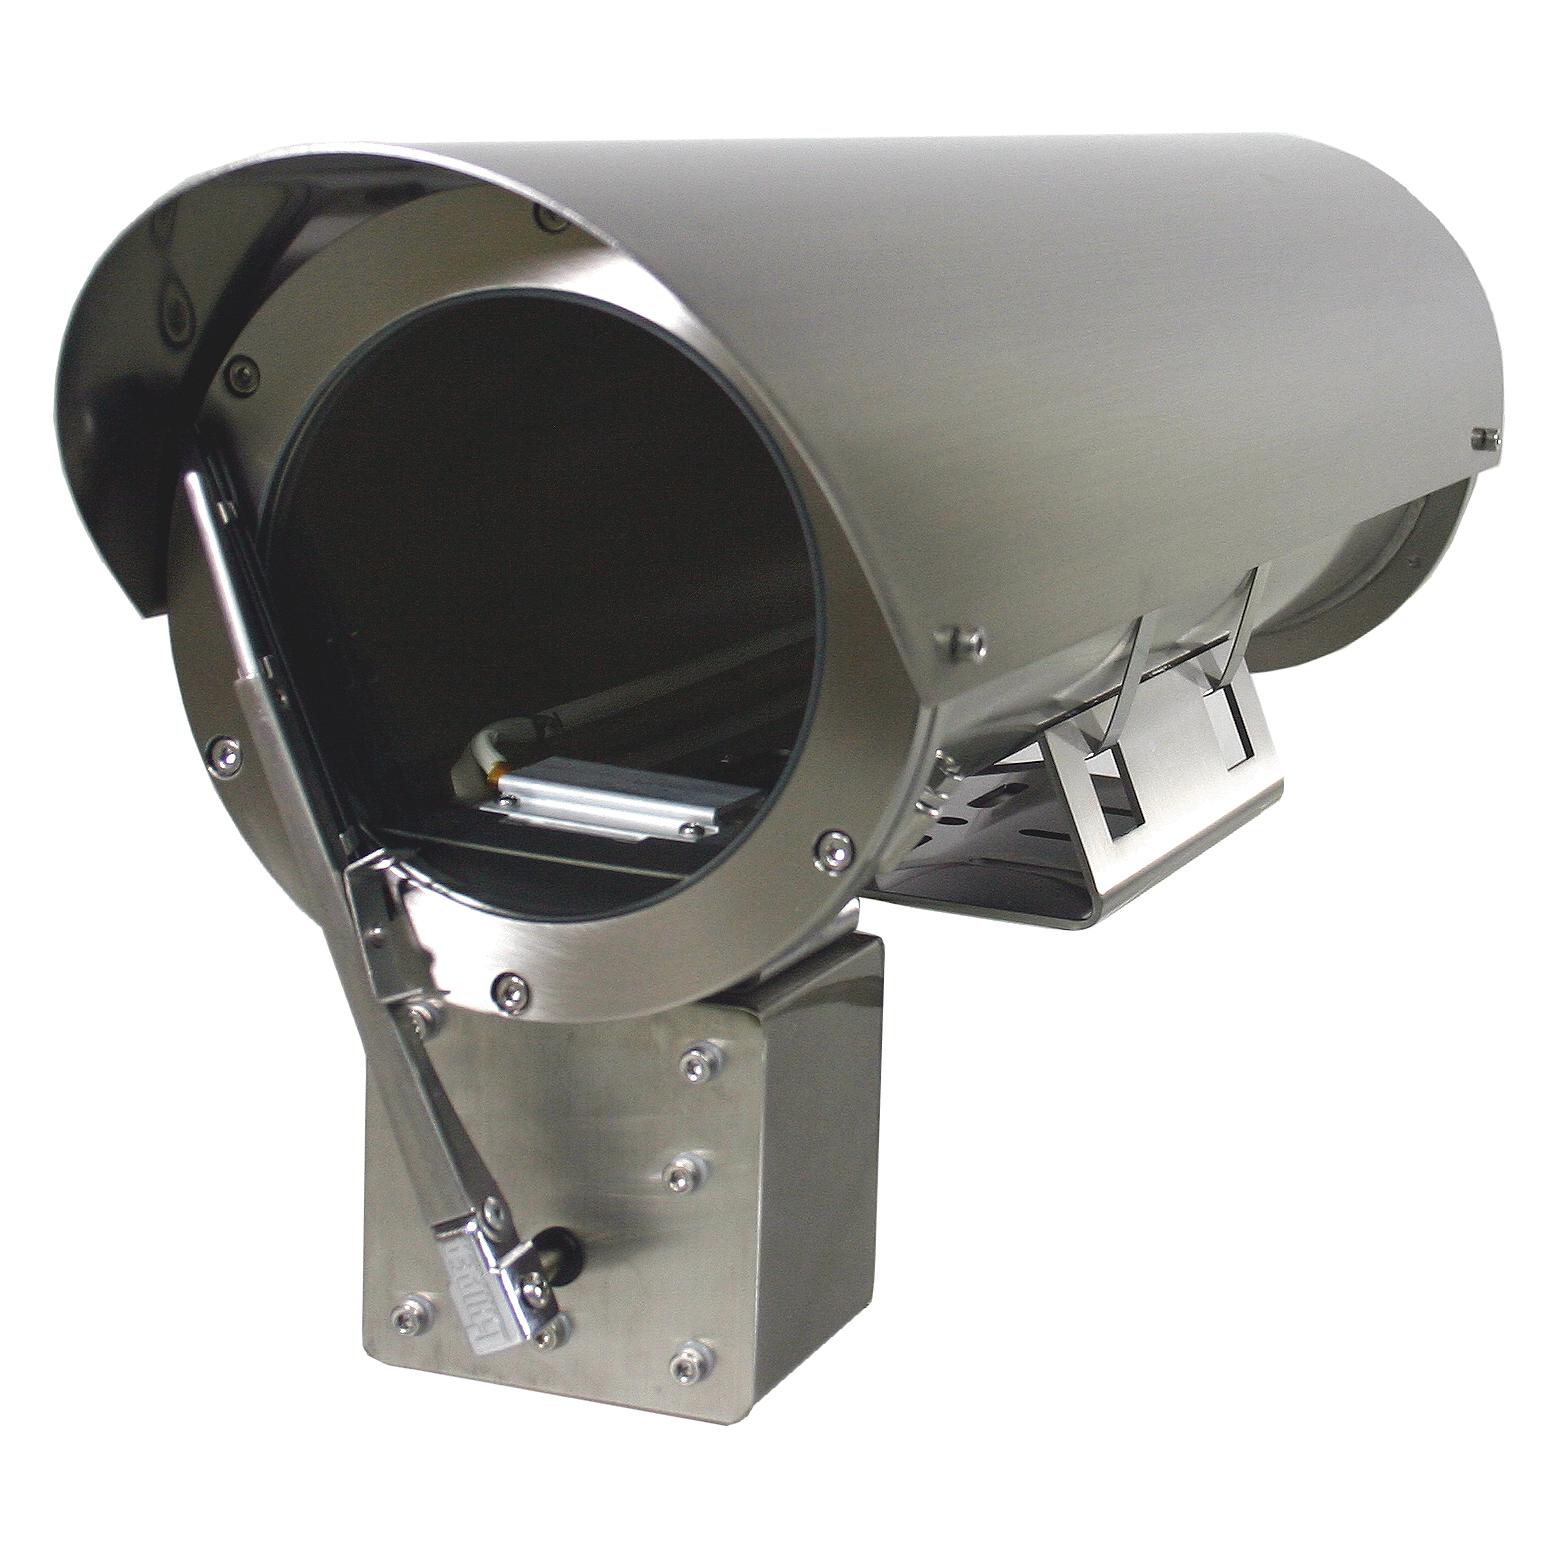 PH-860 Pressurized camera housing for nitrogen made of